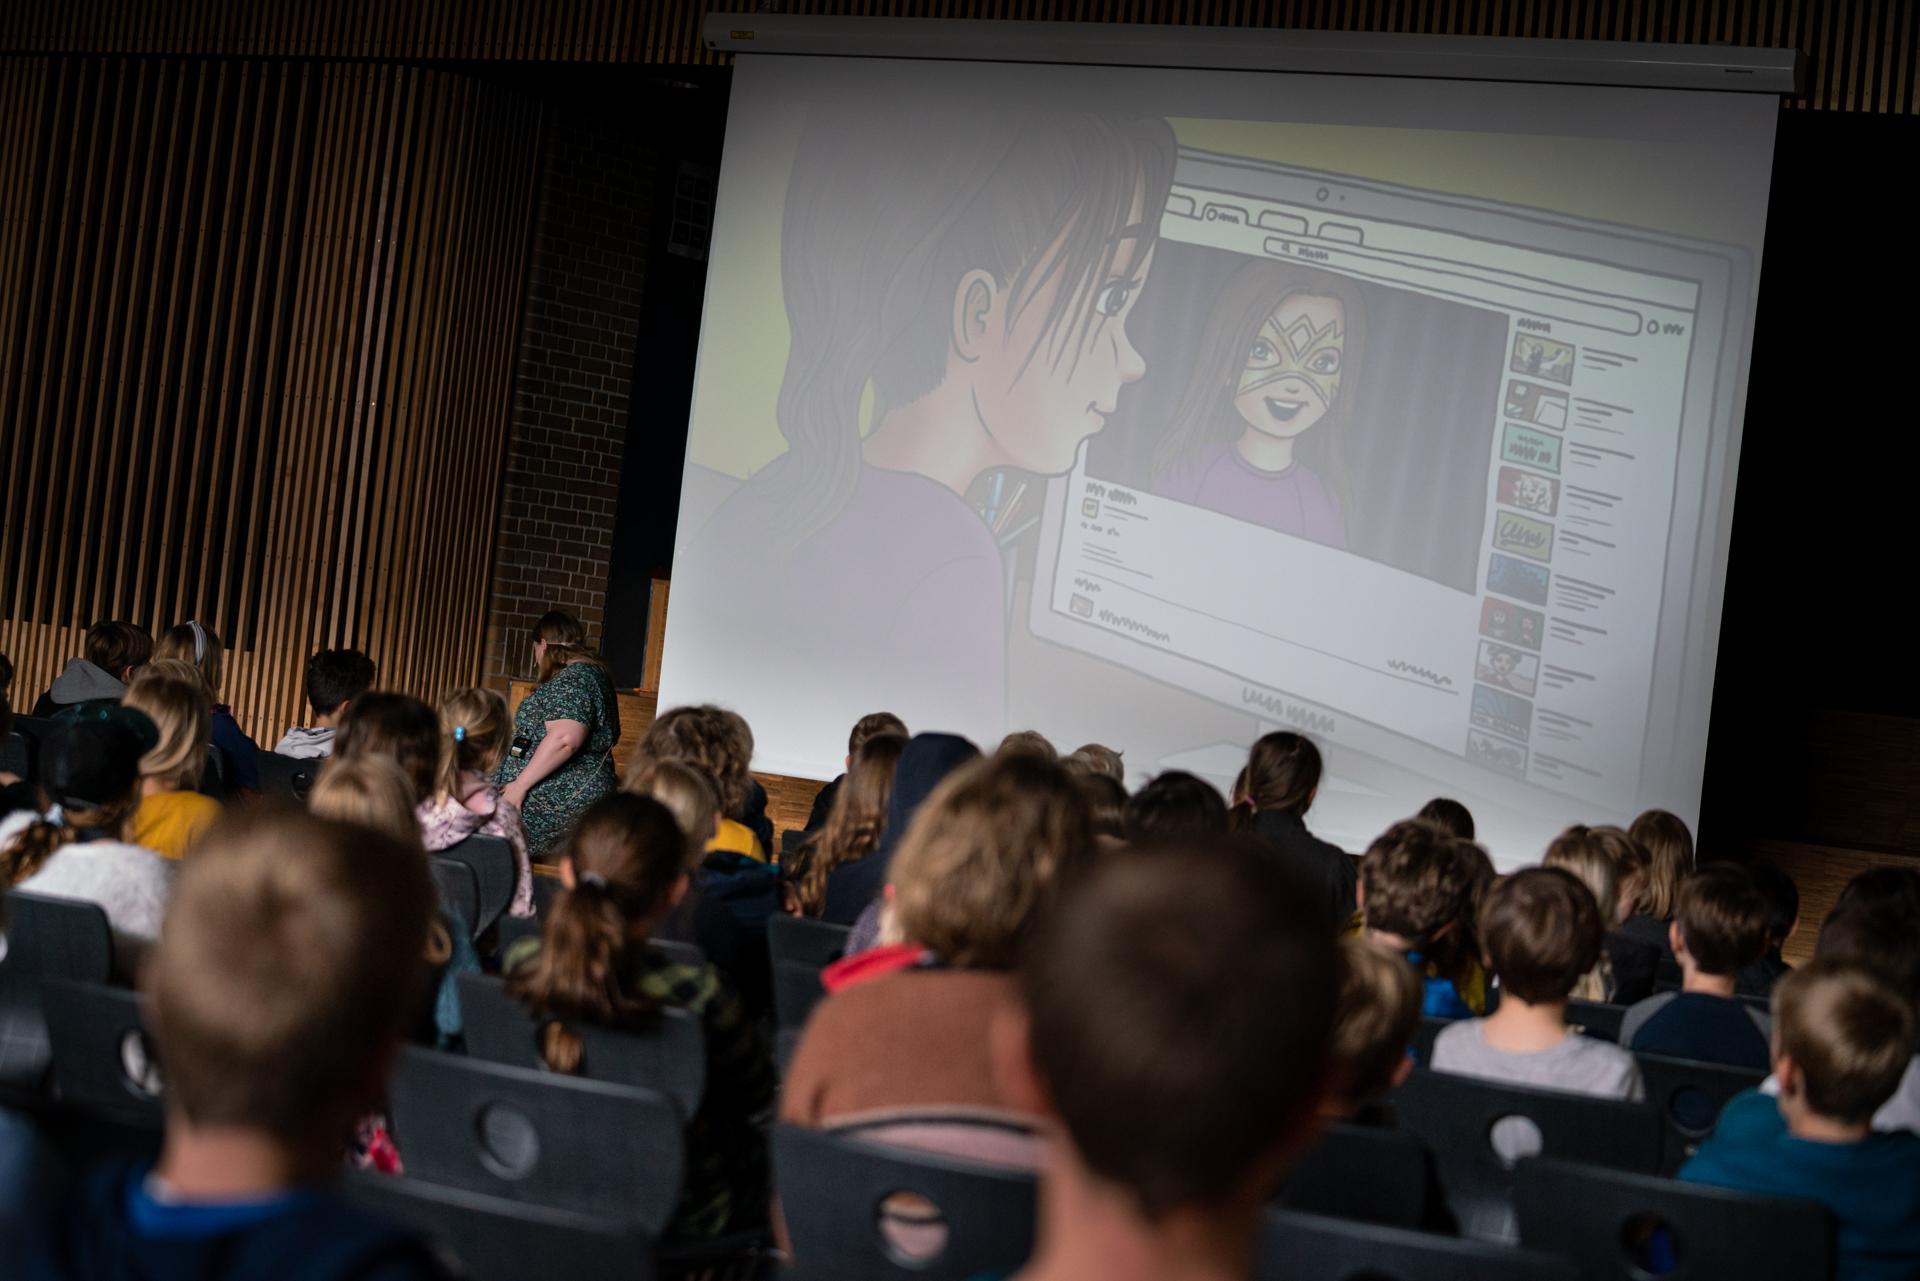 Sløngeldage Fredag - web - Fotograf Per Bille -20190524-07915.jpg